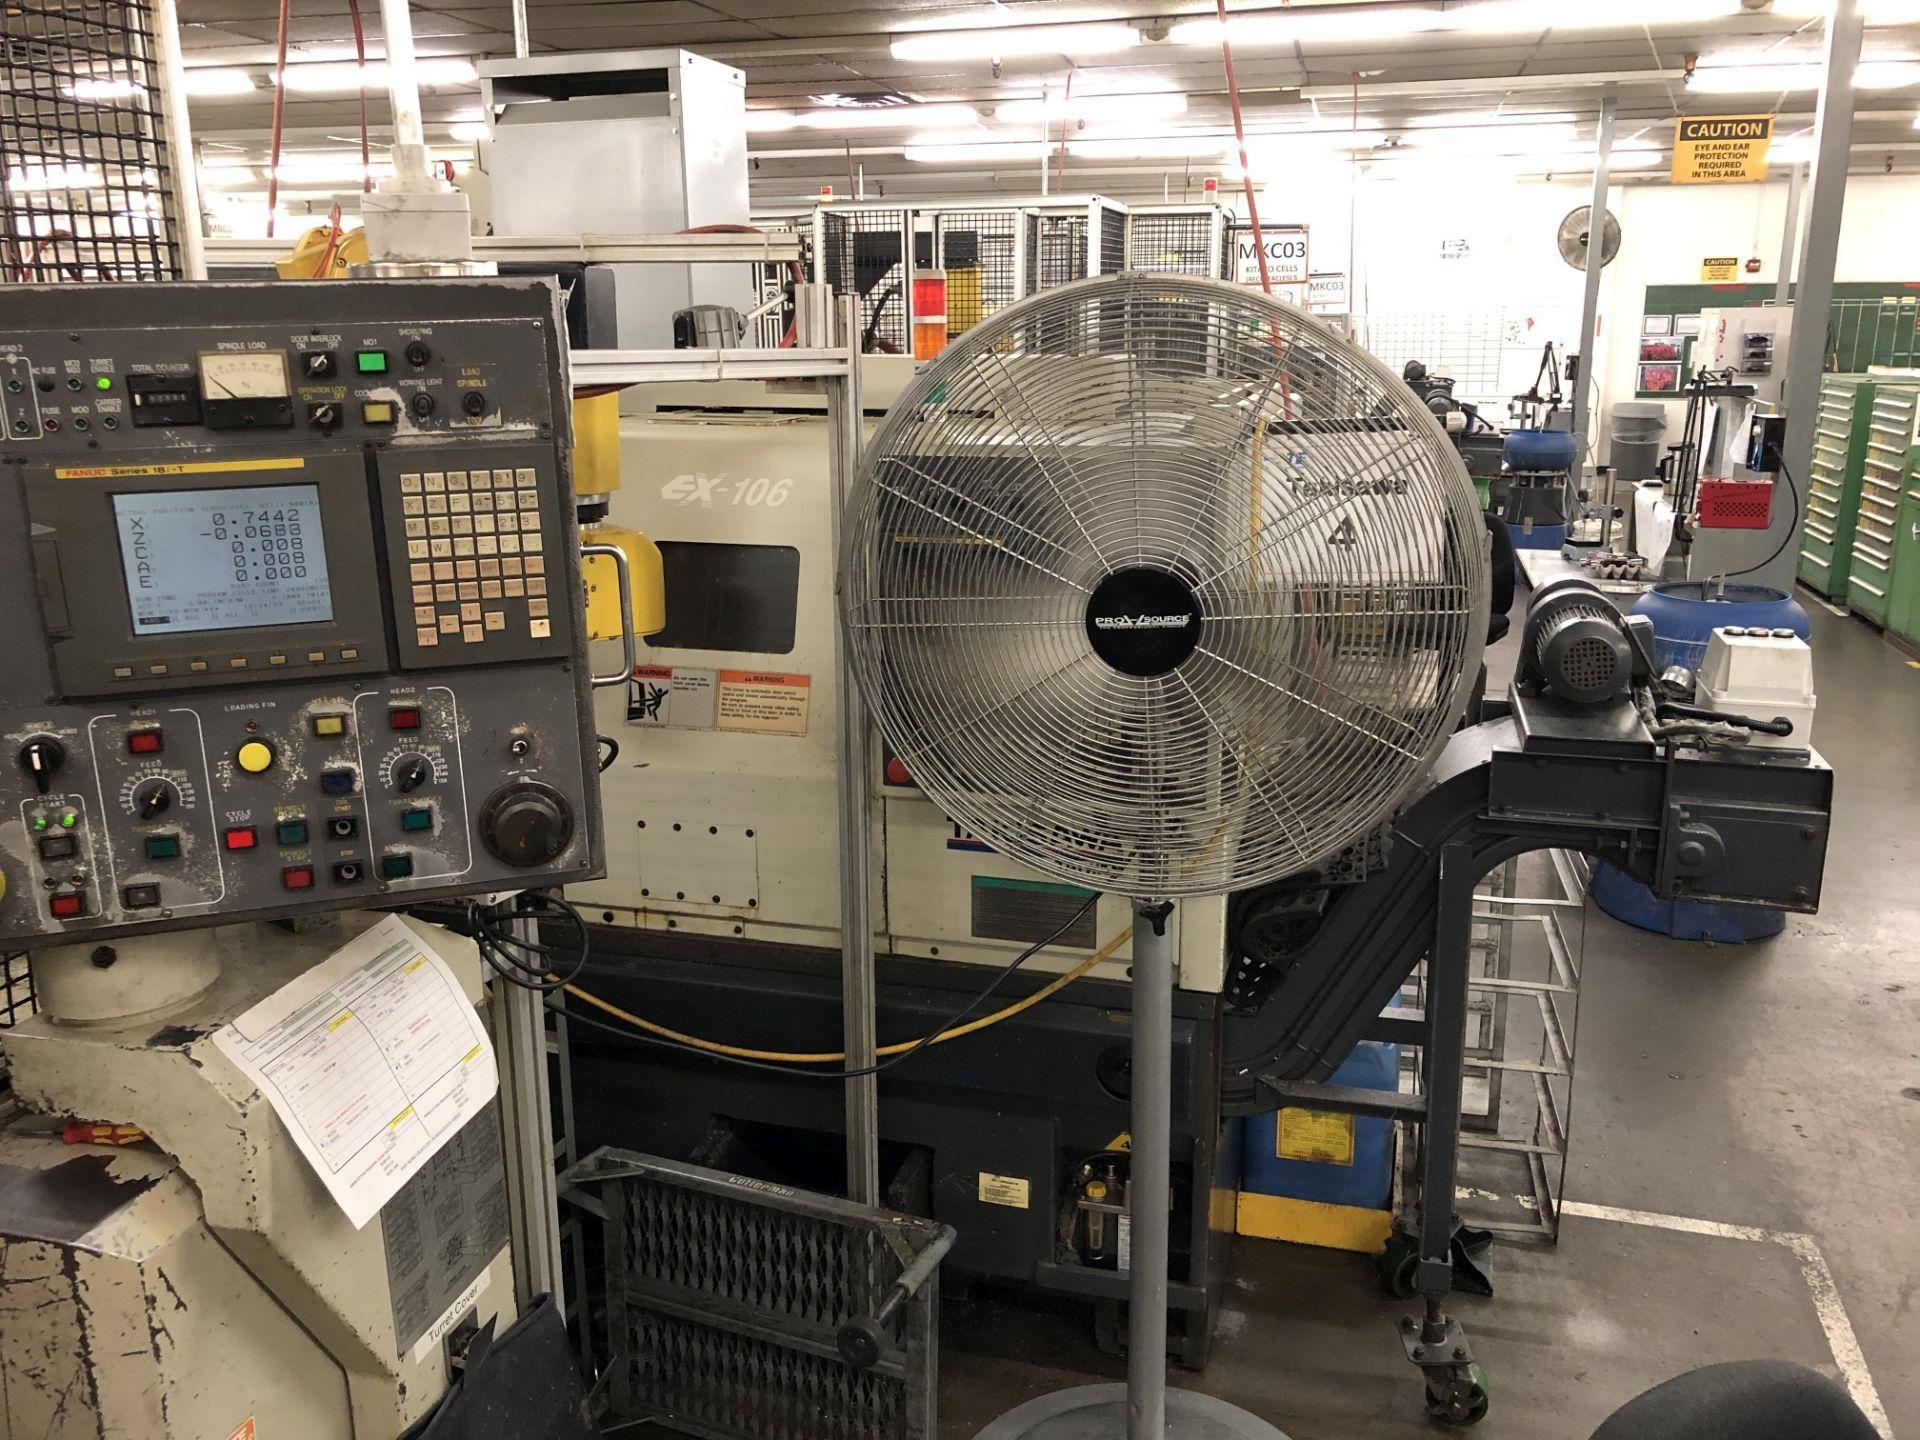 2006 Takisawa EX-106 CNC Lathe